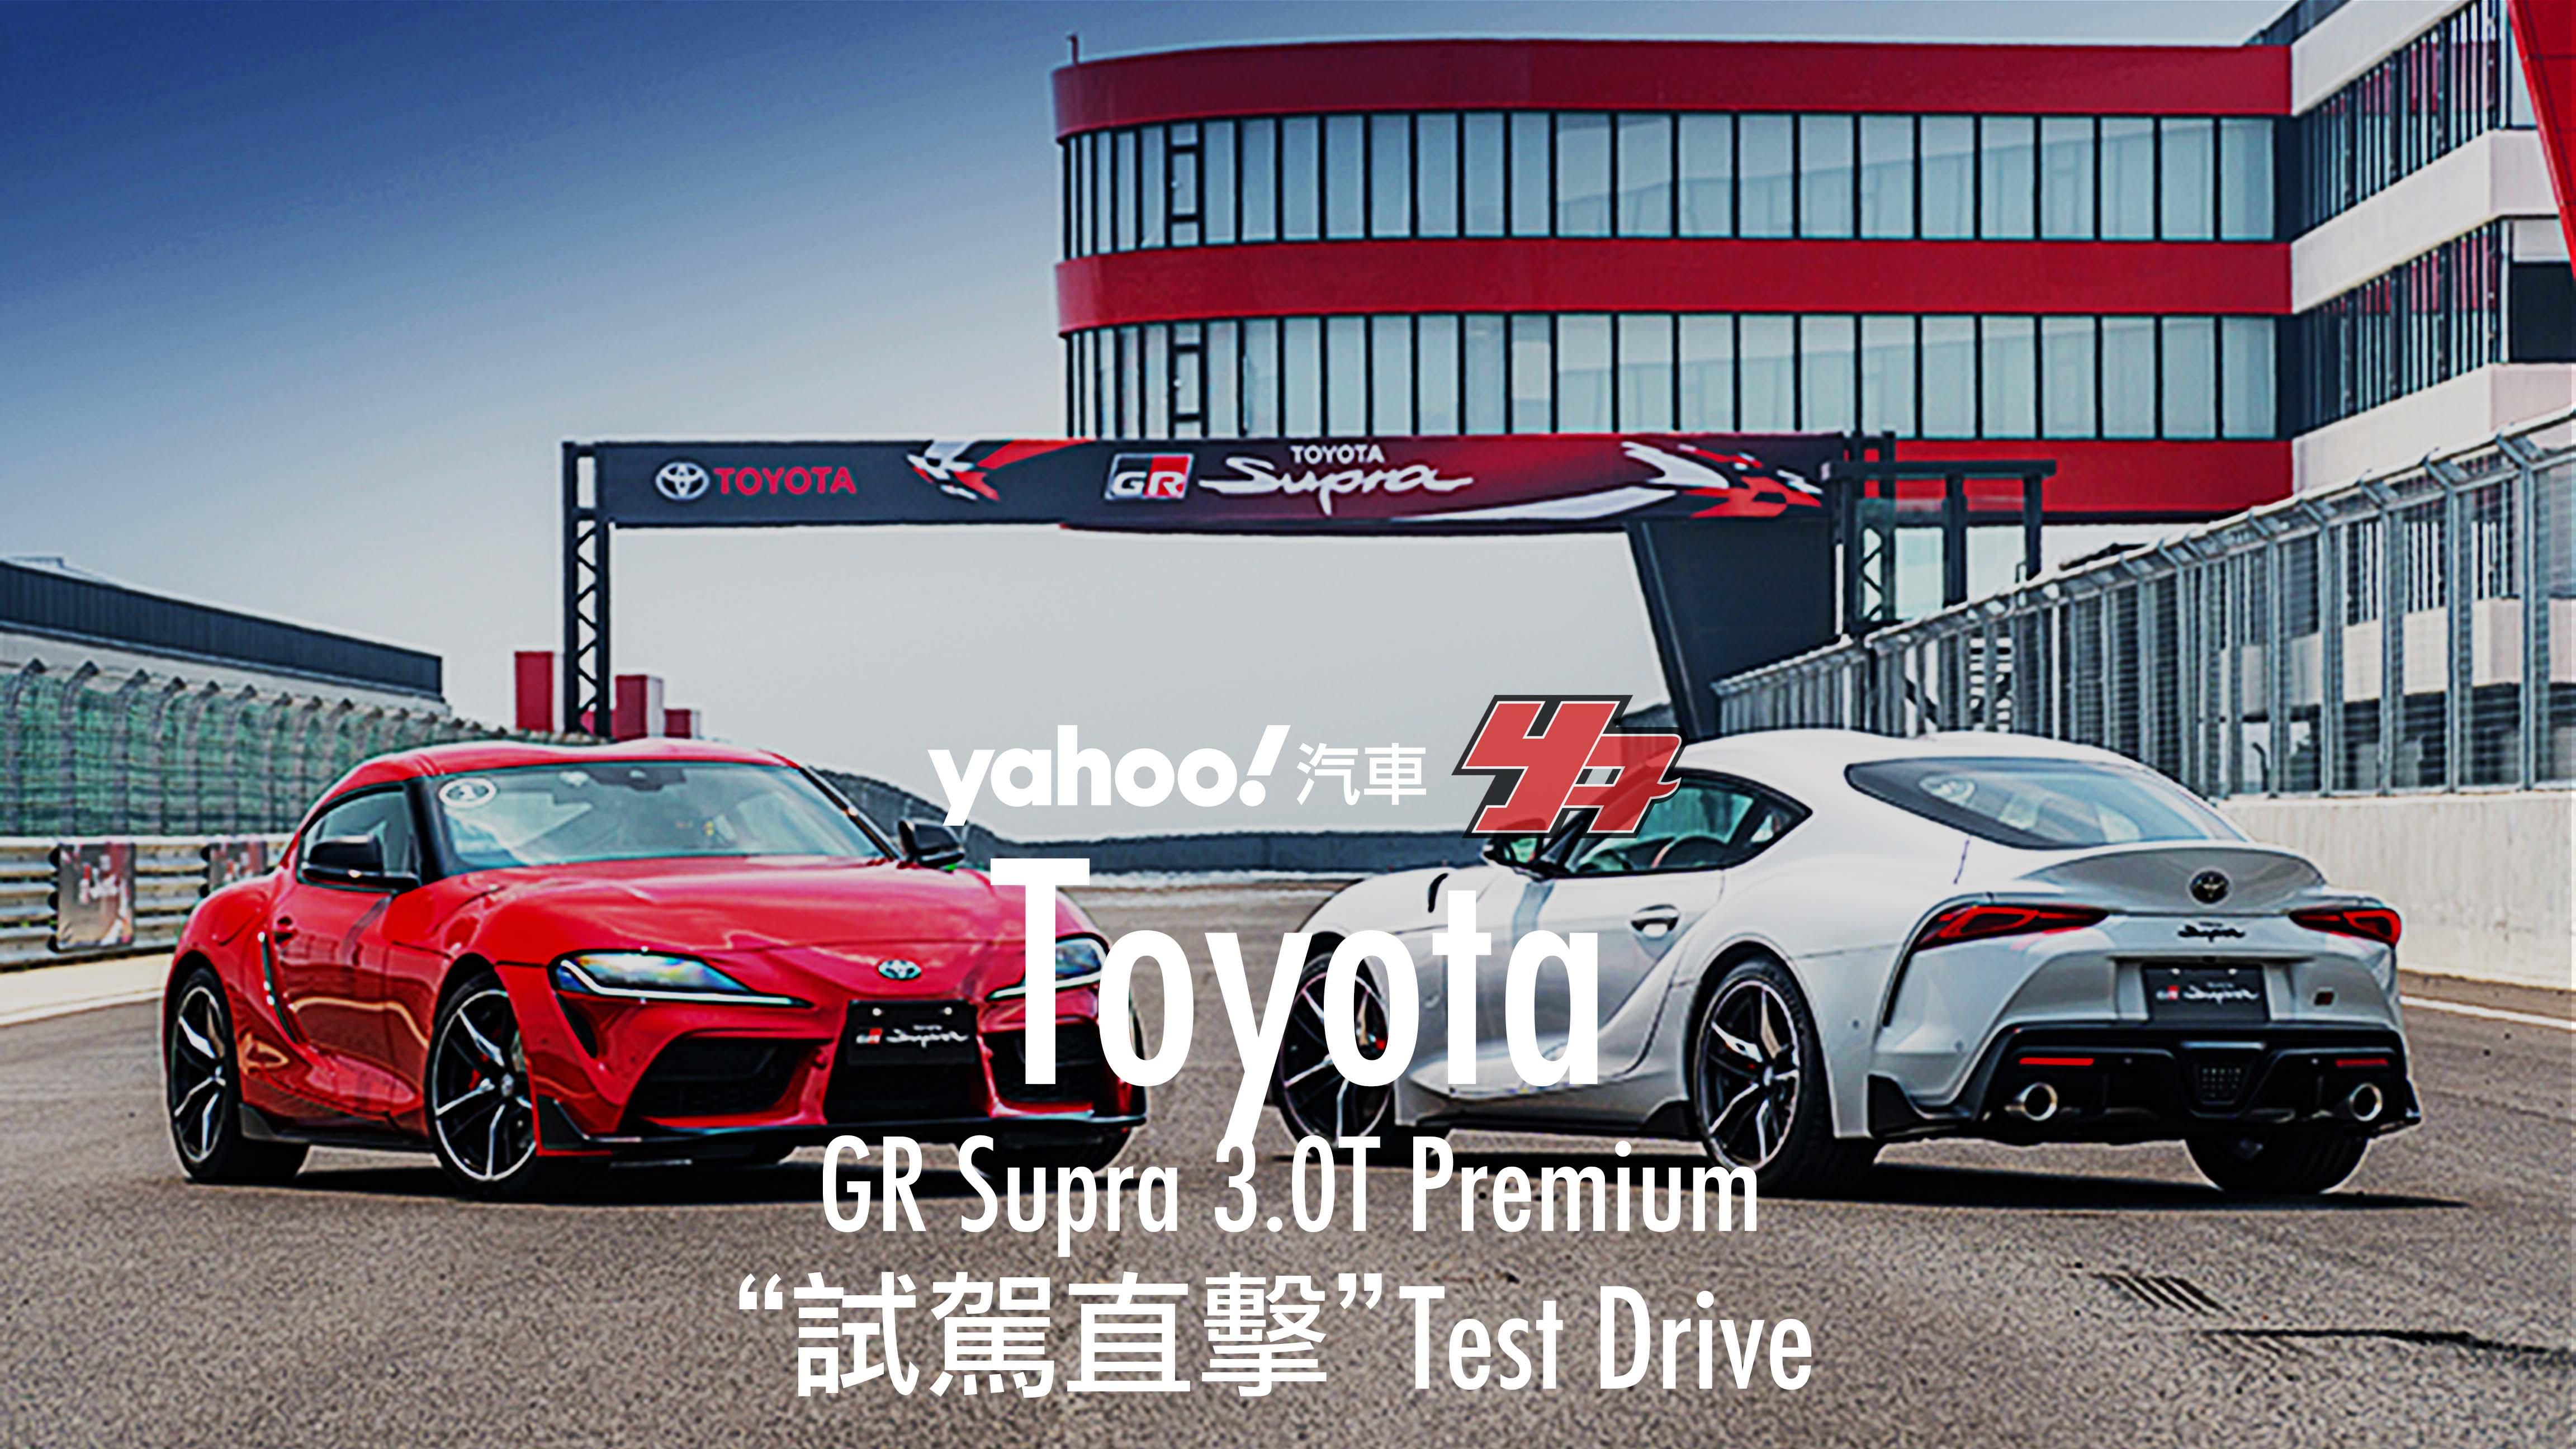 【試駕直擊】回味無窮的魔性操控!Toyota「牛魔王」GR Supra 3.0T Premium賽道試駕體驗